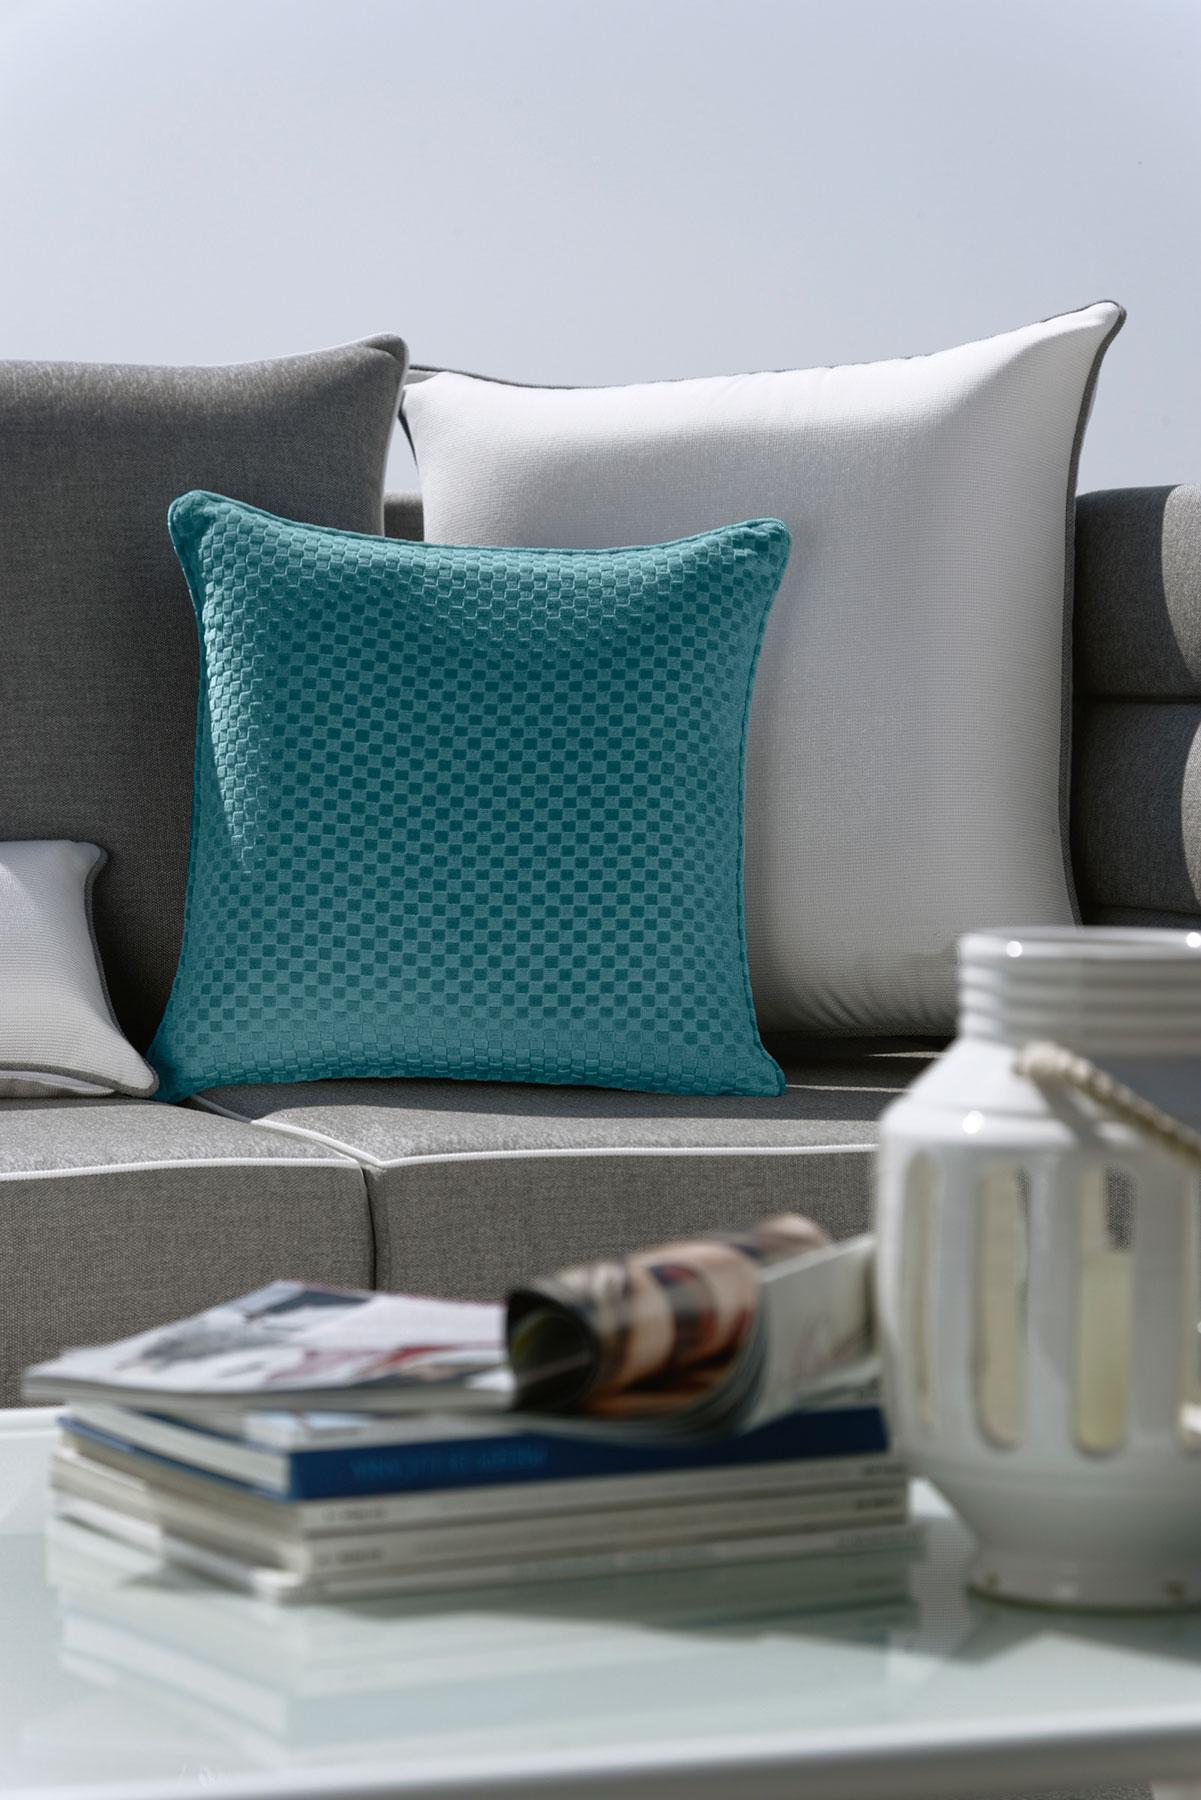 Cuscini divano esterno idee per il design della casa - Tappeti da esterno ikea ...